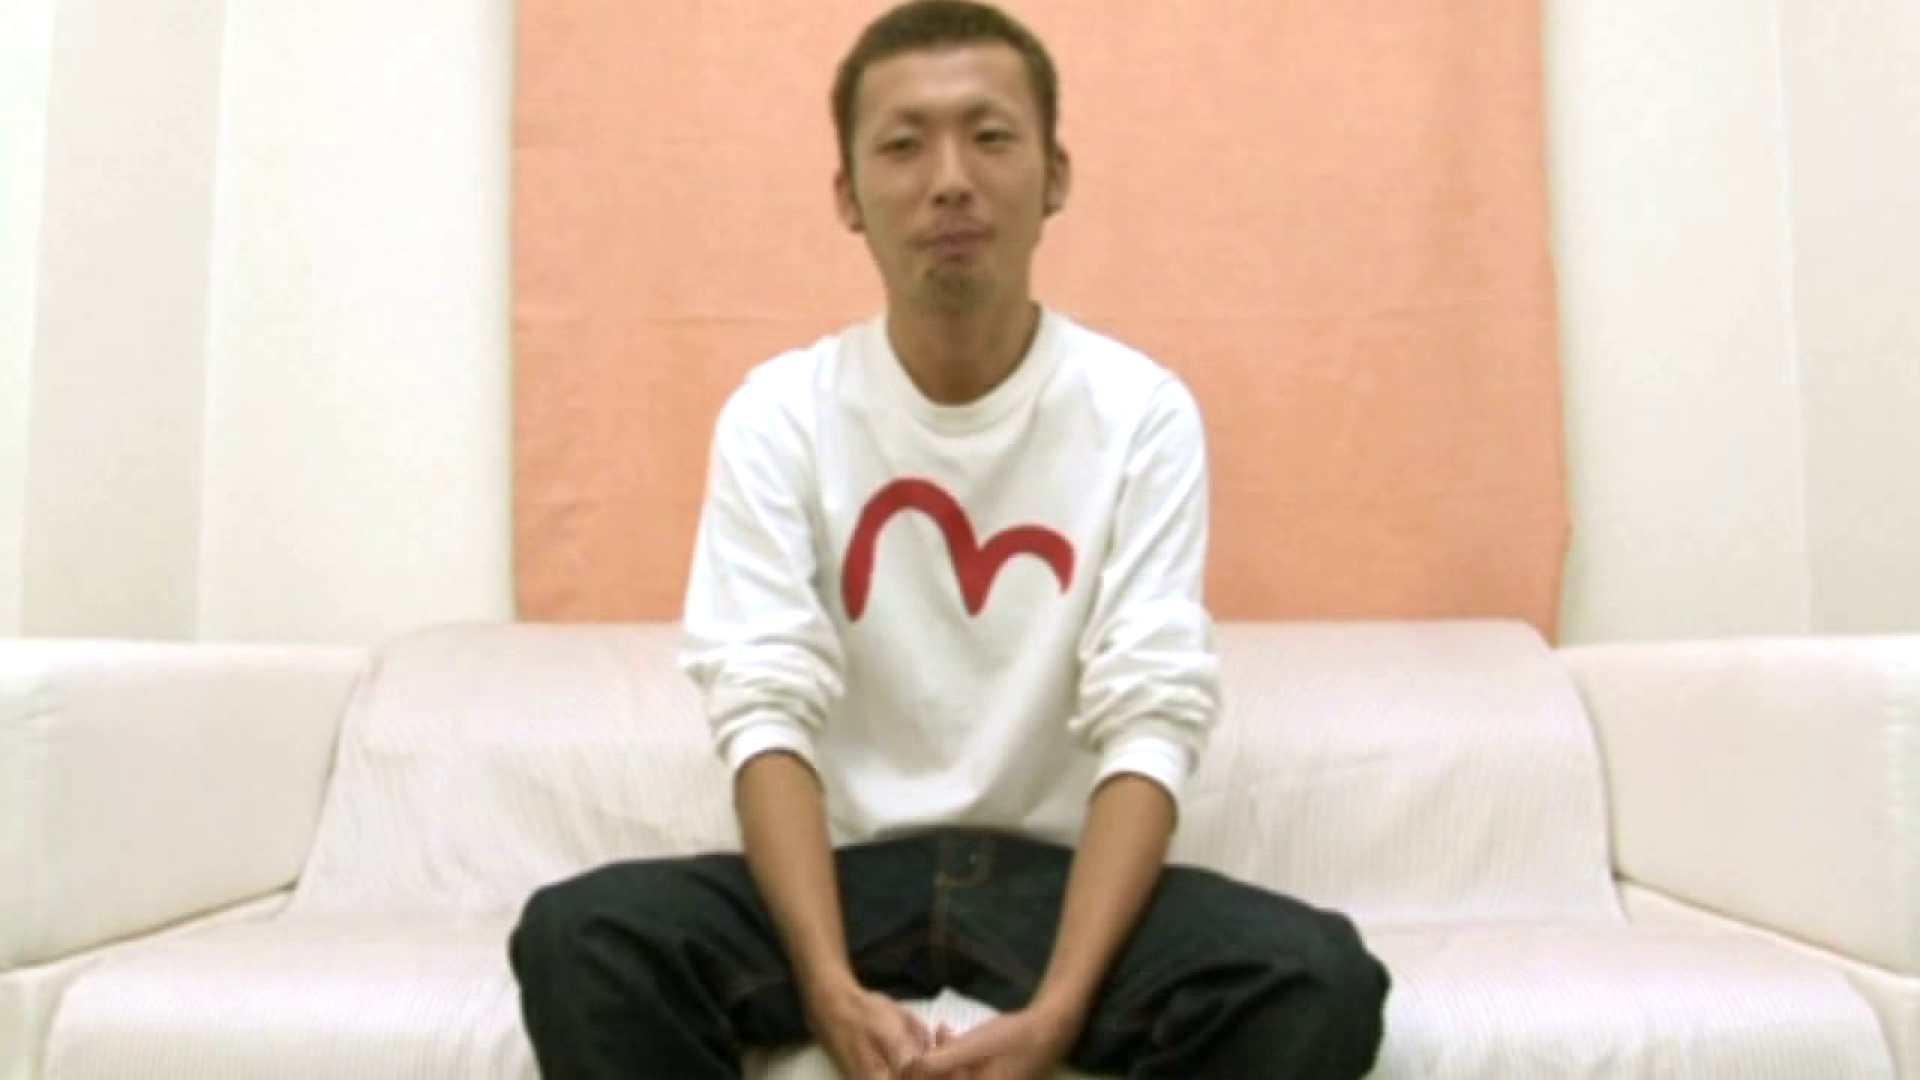 ノンケ!自慰スタジオ No.11 素人盗撮 ゲイアダルト画像 110枚 46